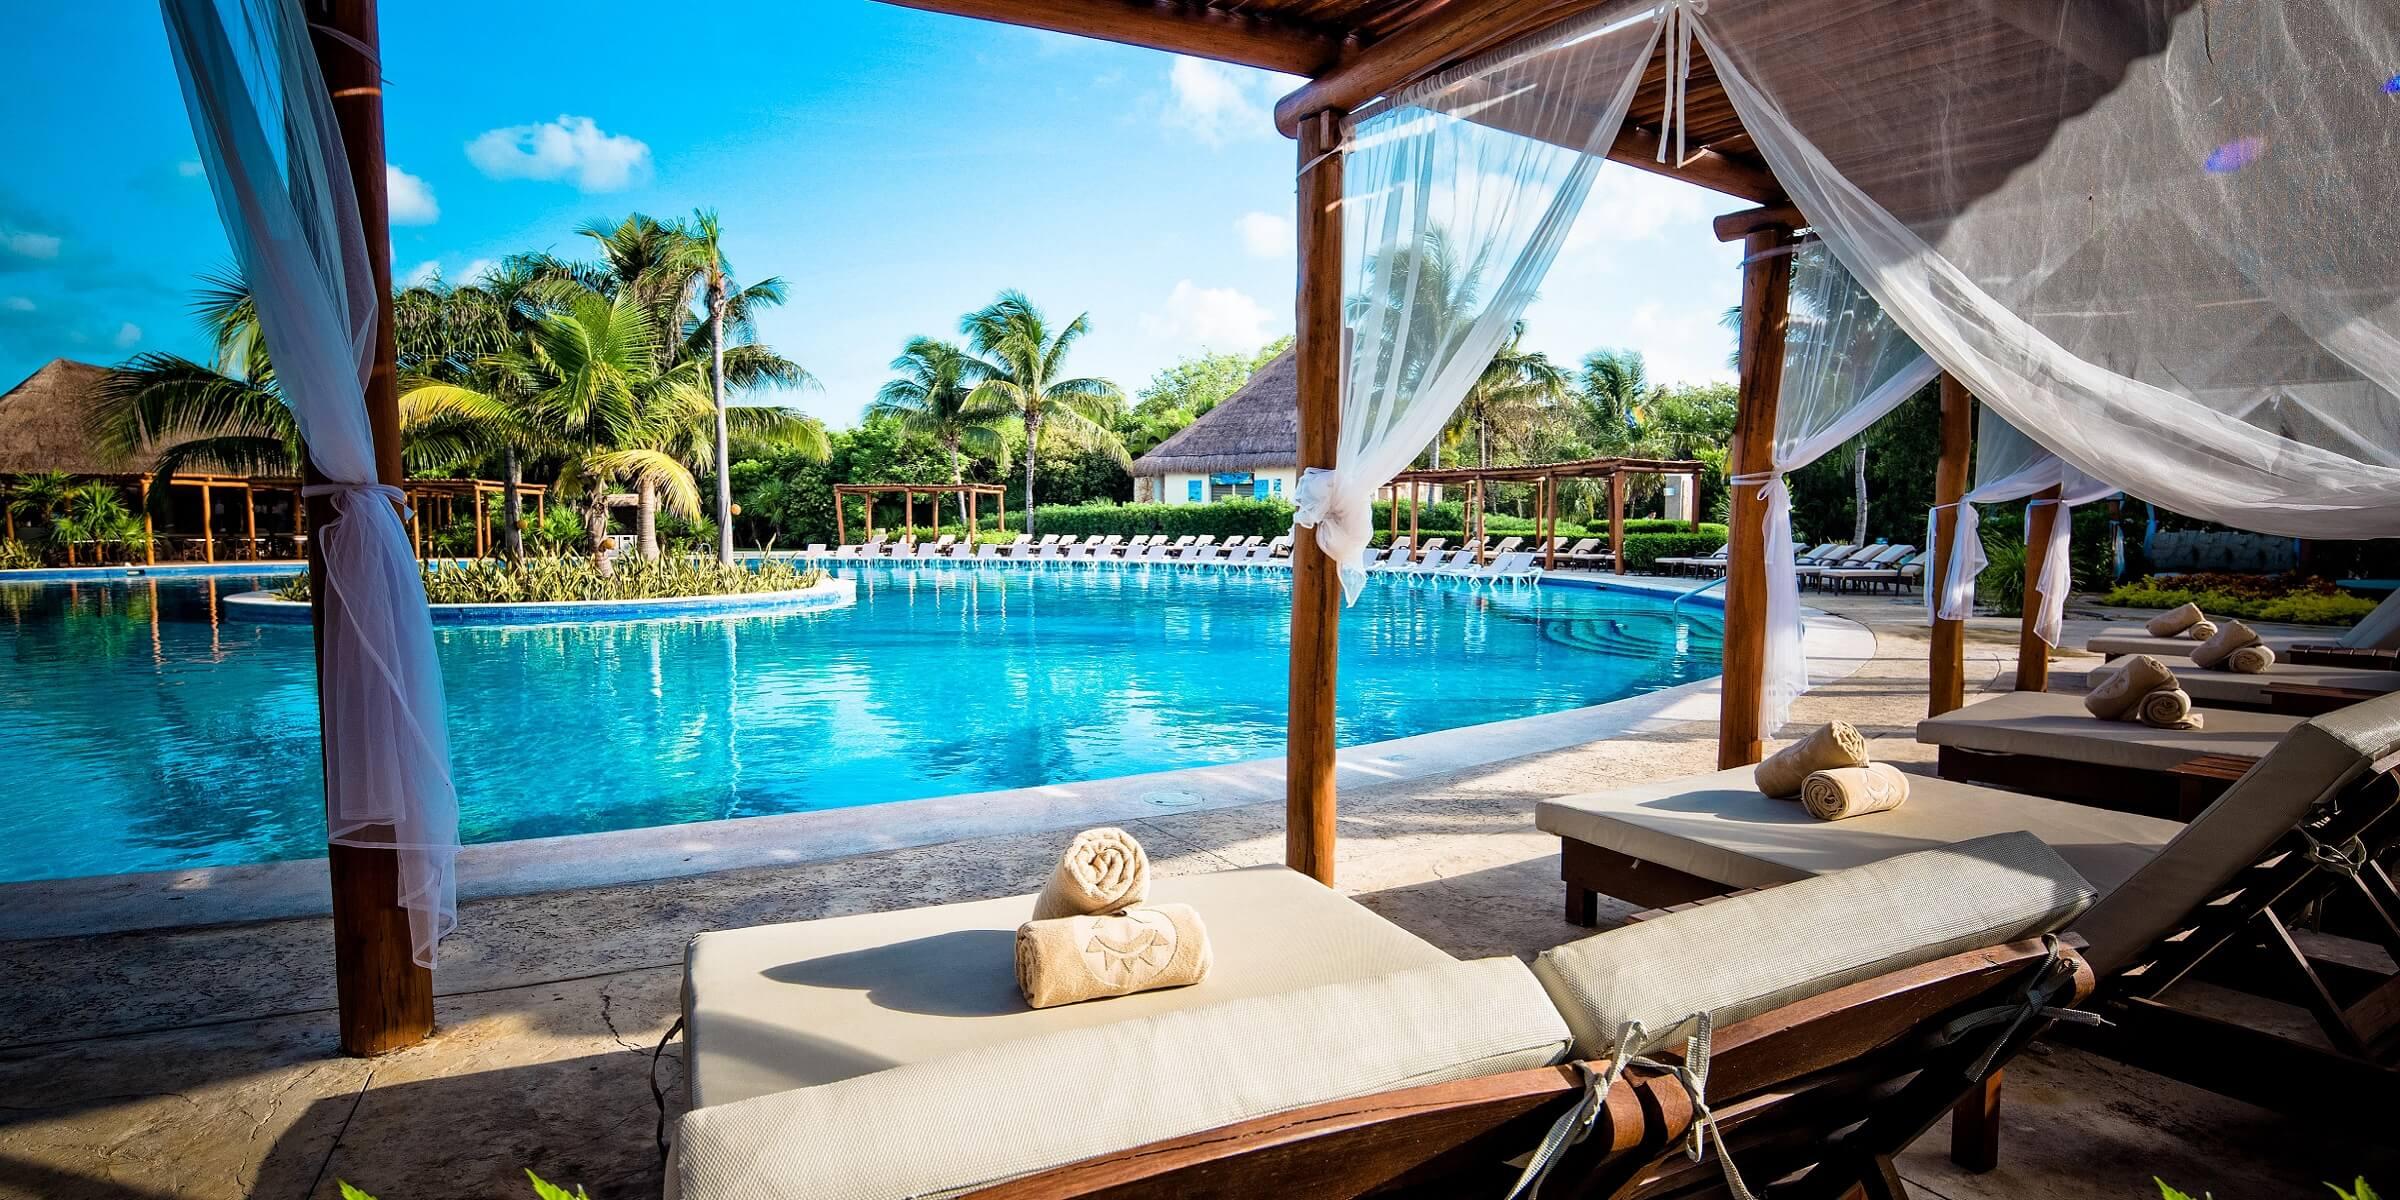 Die Hotelanlage in Mexiko auf Ihrer Singlereise